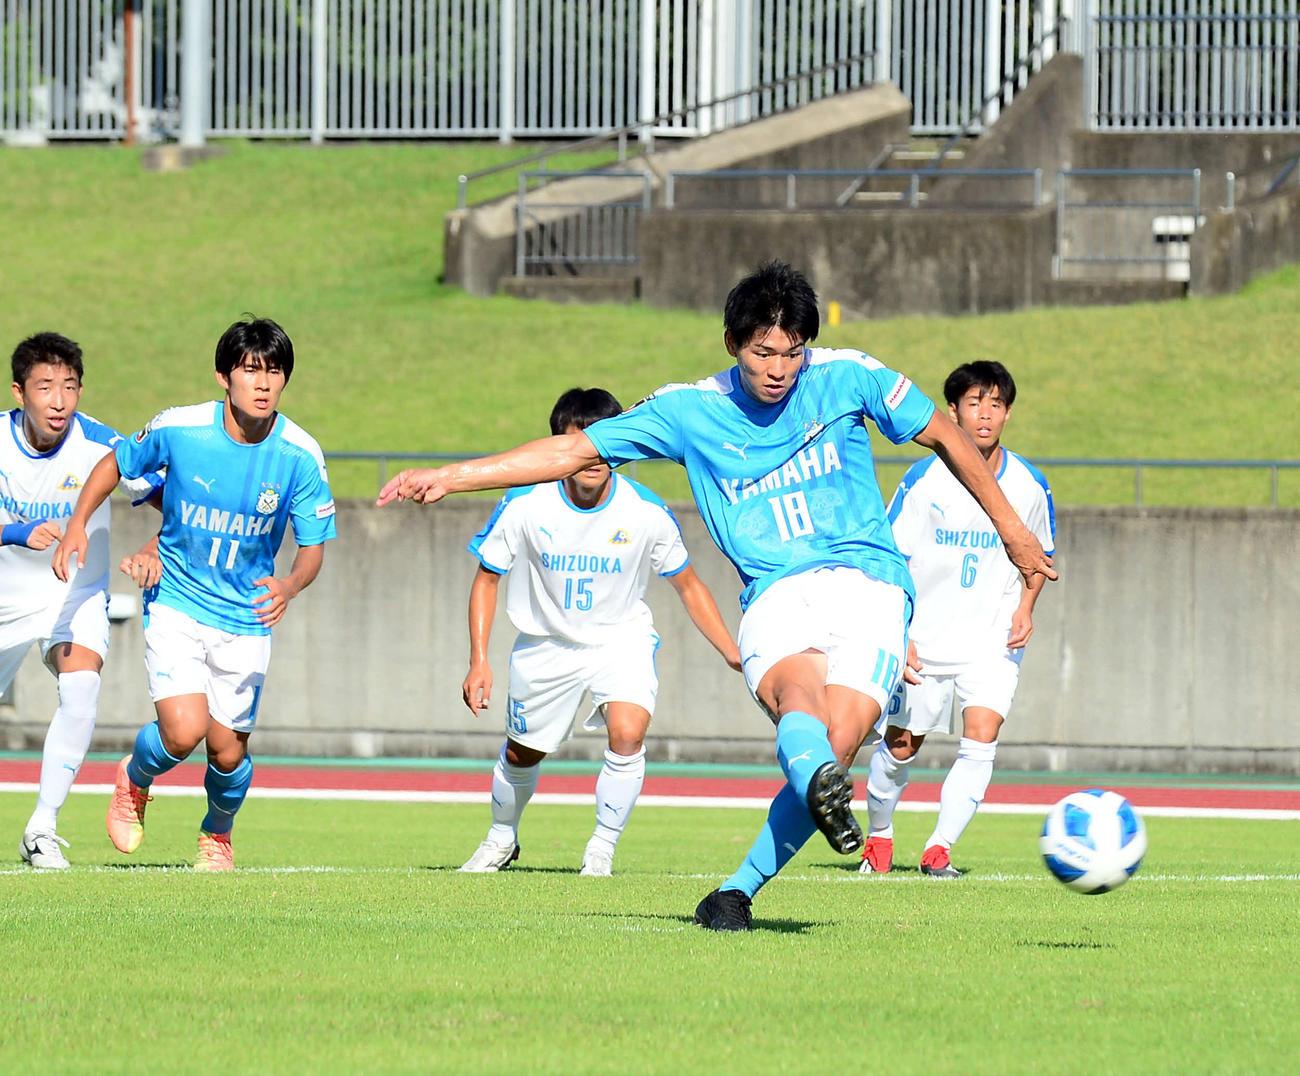 後半、PKを決める磐田U-18のFW馬場。後方左から2人目がFW池端